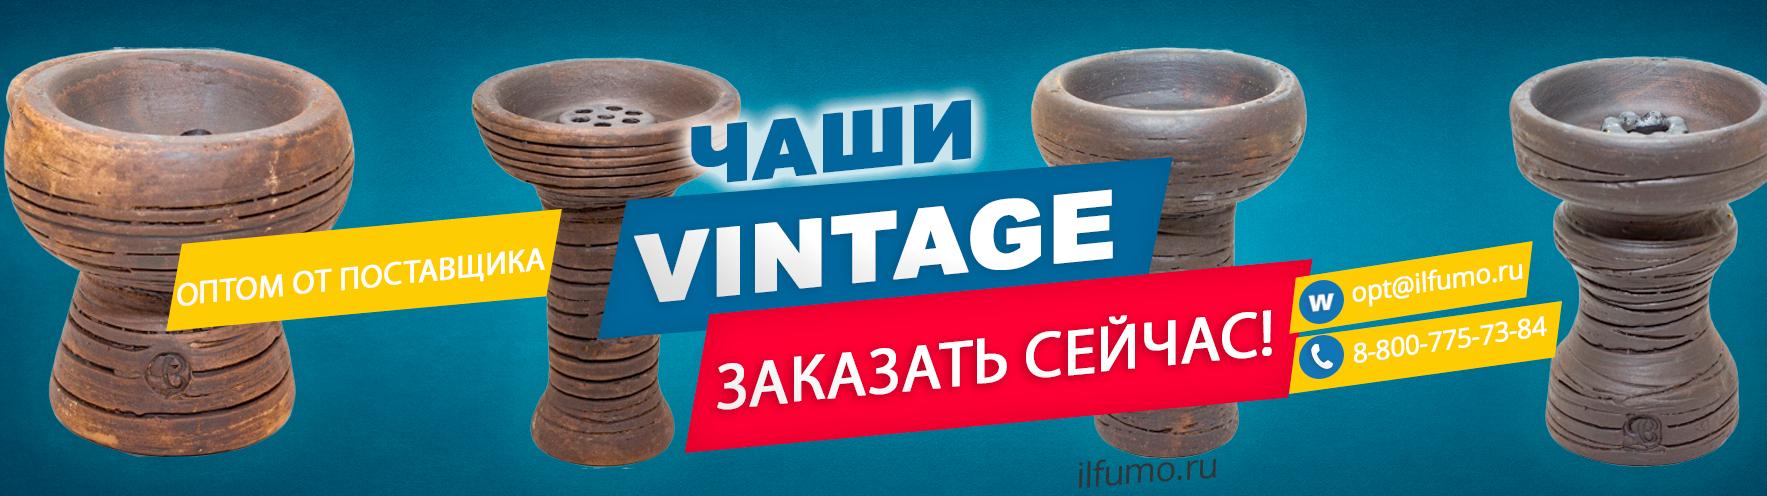 vneshnie chashki vintage optom - Чашка внешняя Vintage